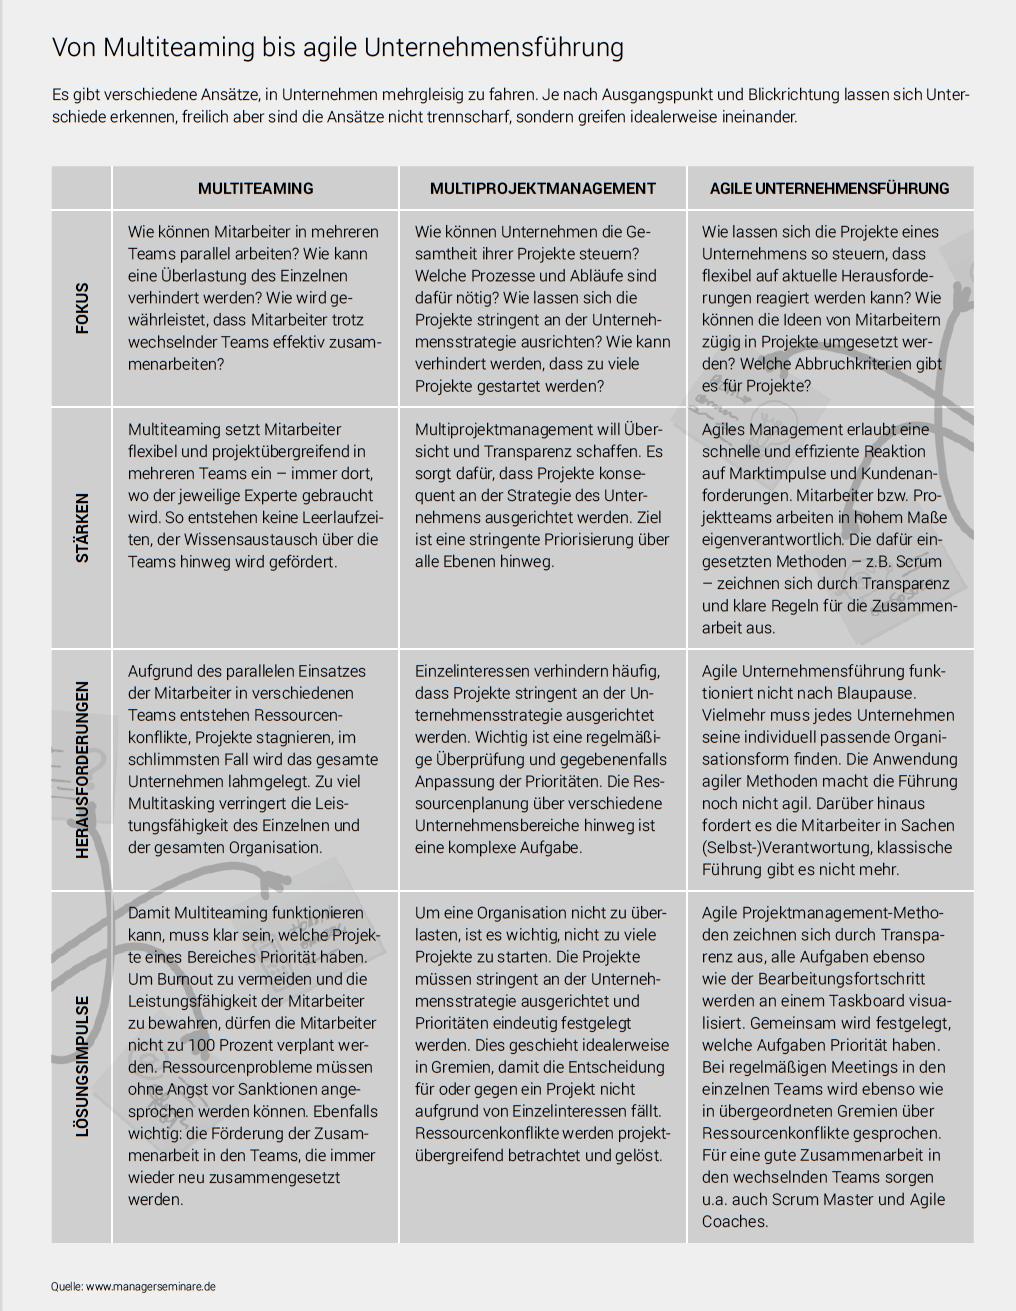 Unternehmen Nutzen Verschiedene Ansatze Um Parallele Projekte Und Merhfachaufgaben Zu Organisiere Personalfuhrung Organisationsentwicklung Unternehmensfuhrung